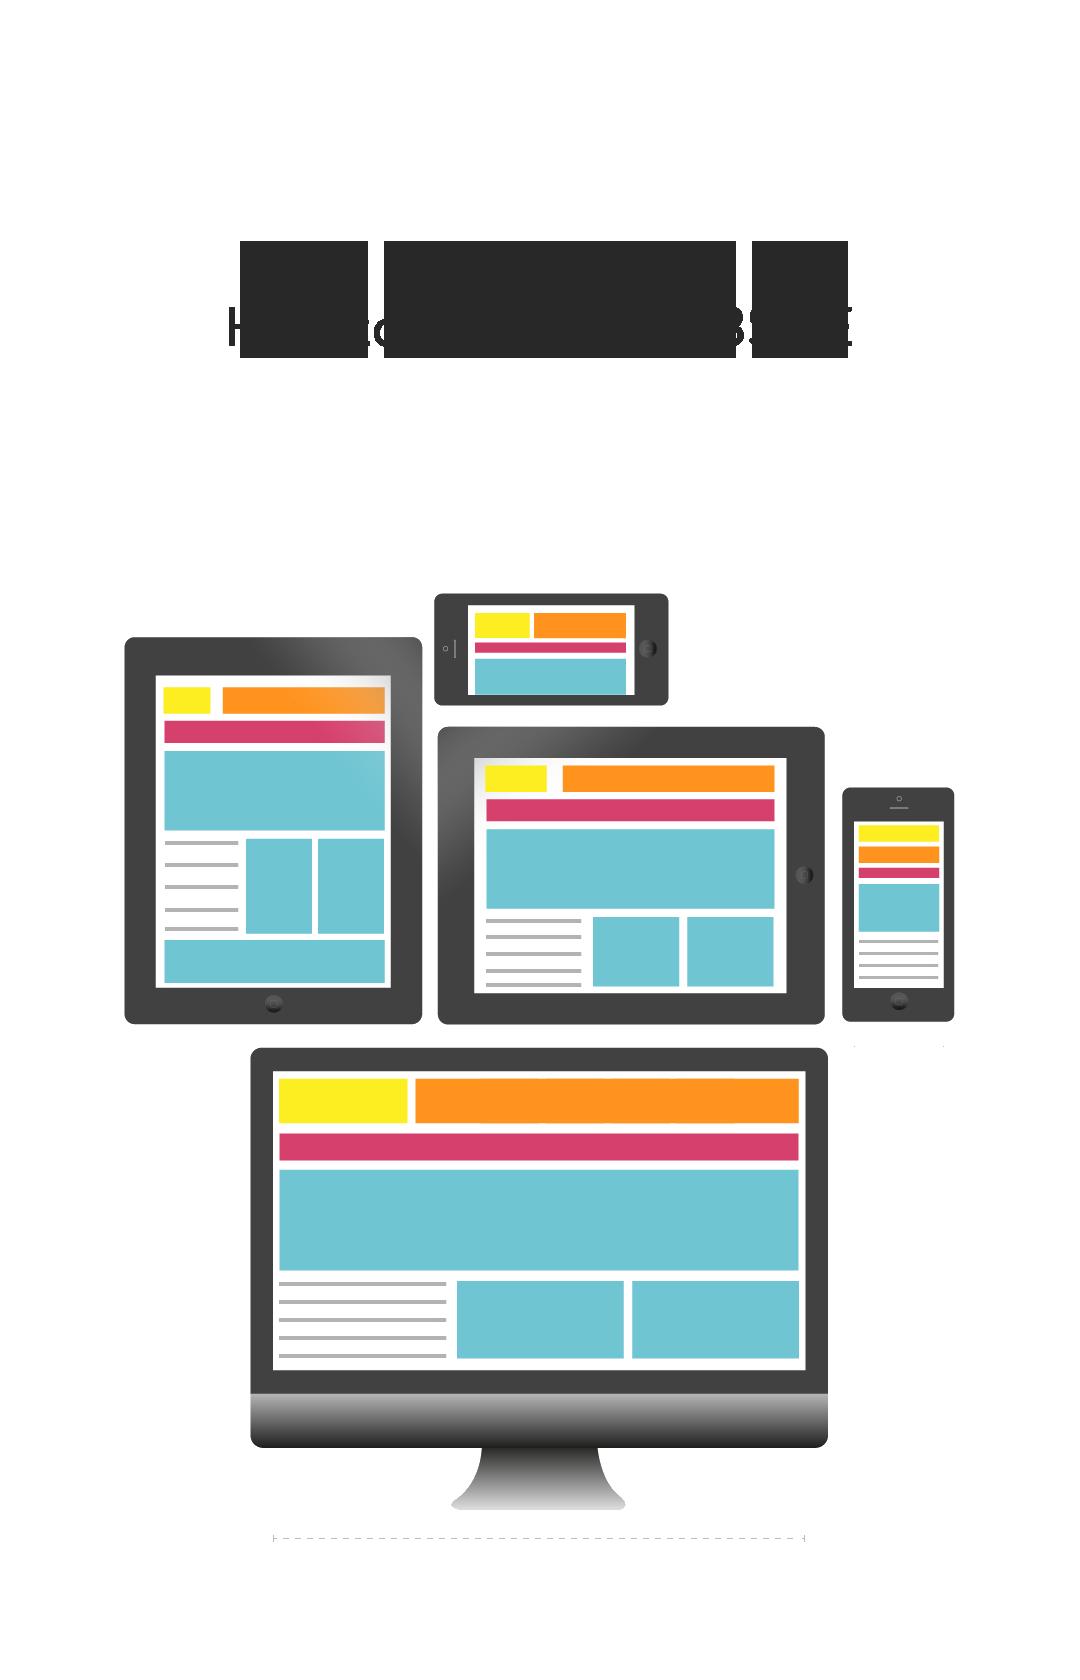 website-design-services-image